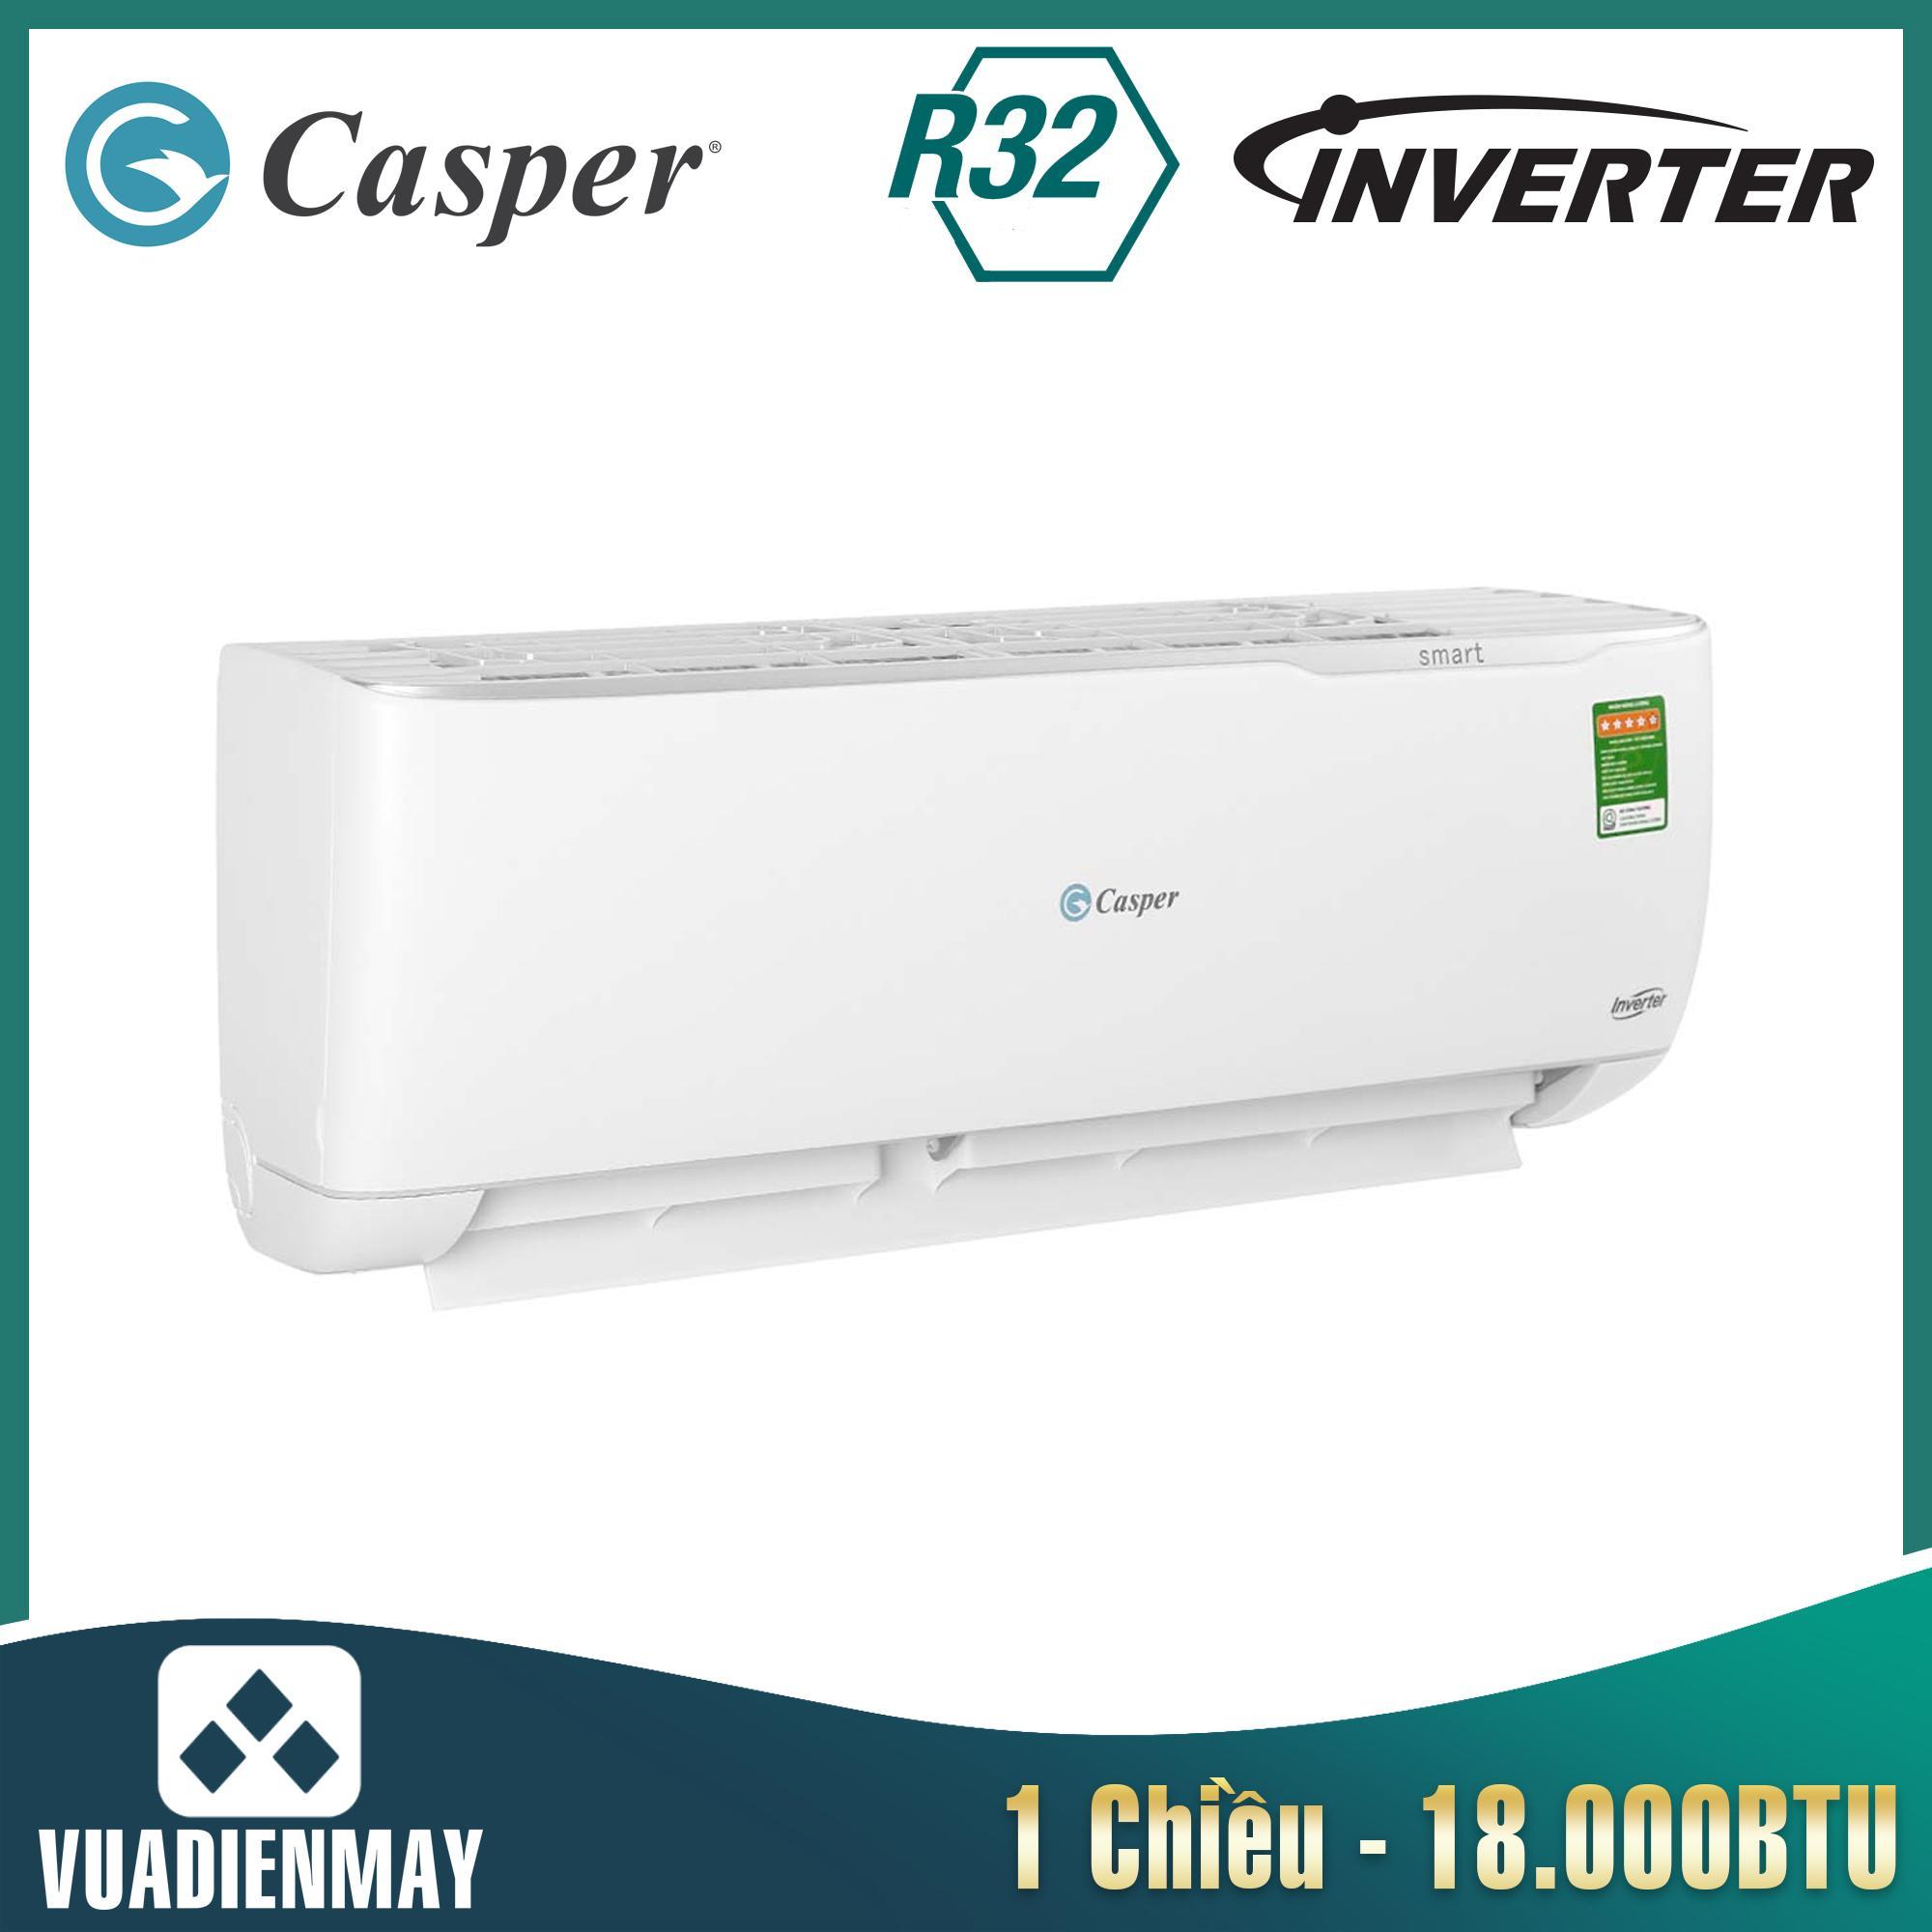 GC18TL32, điều hòa casper 18000btu 1 chiều inverter